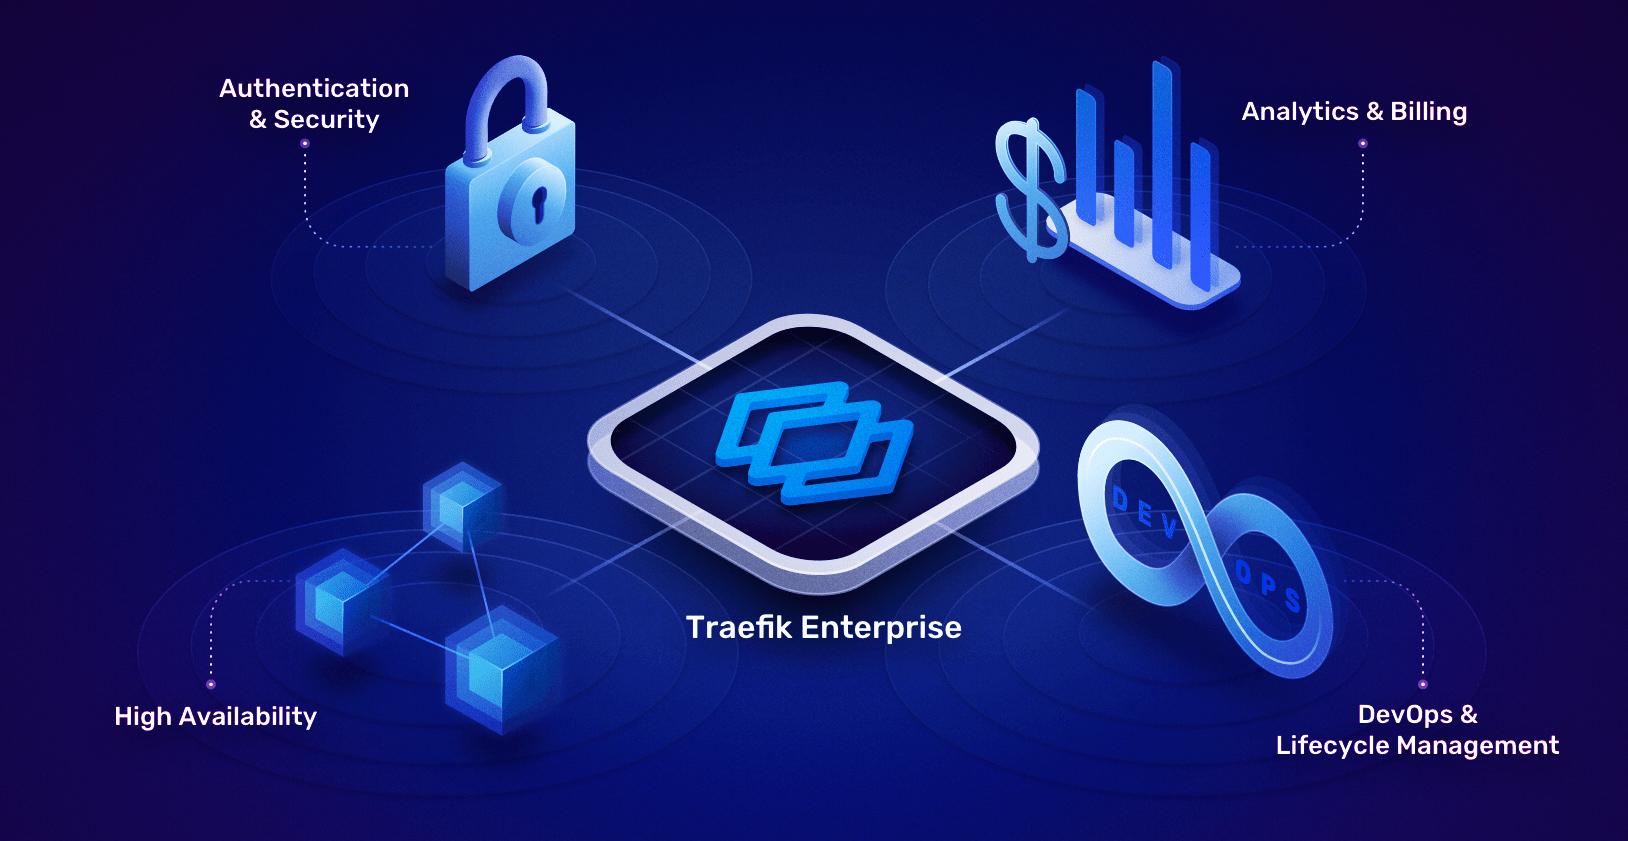 Traefik Enterprise as an API Gateway